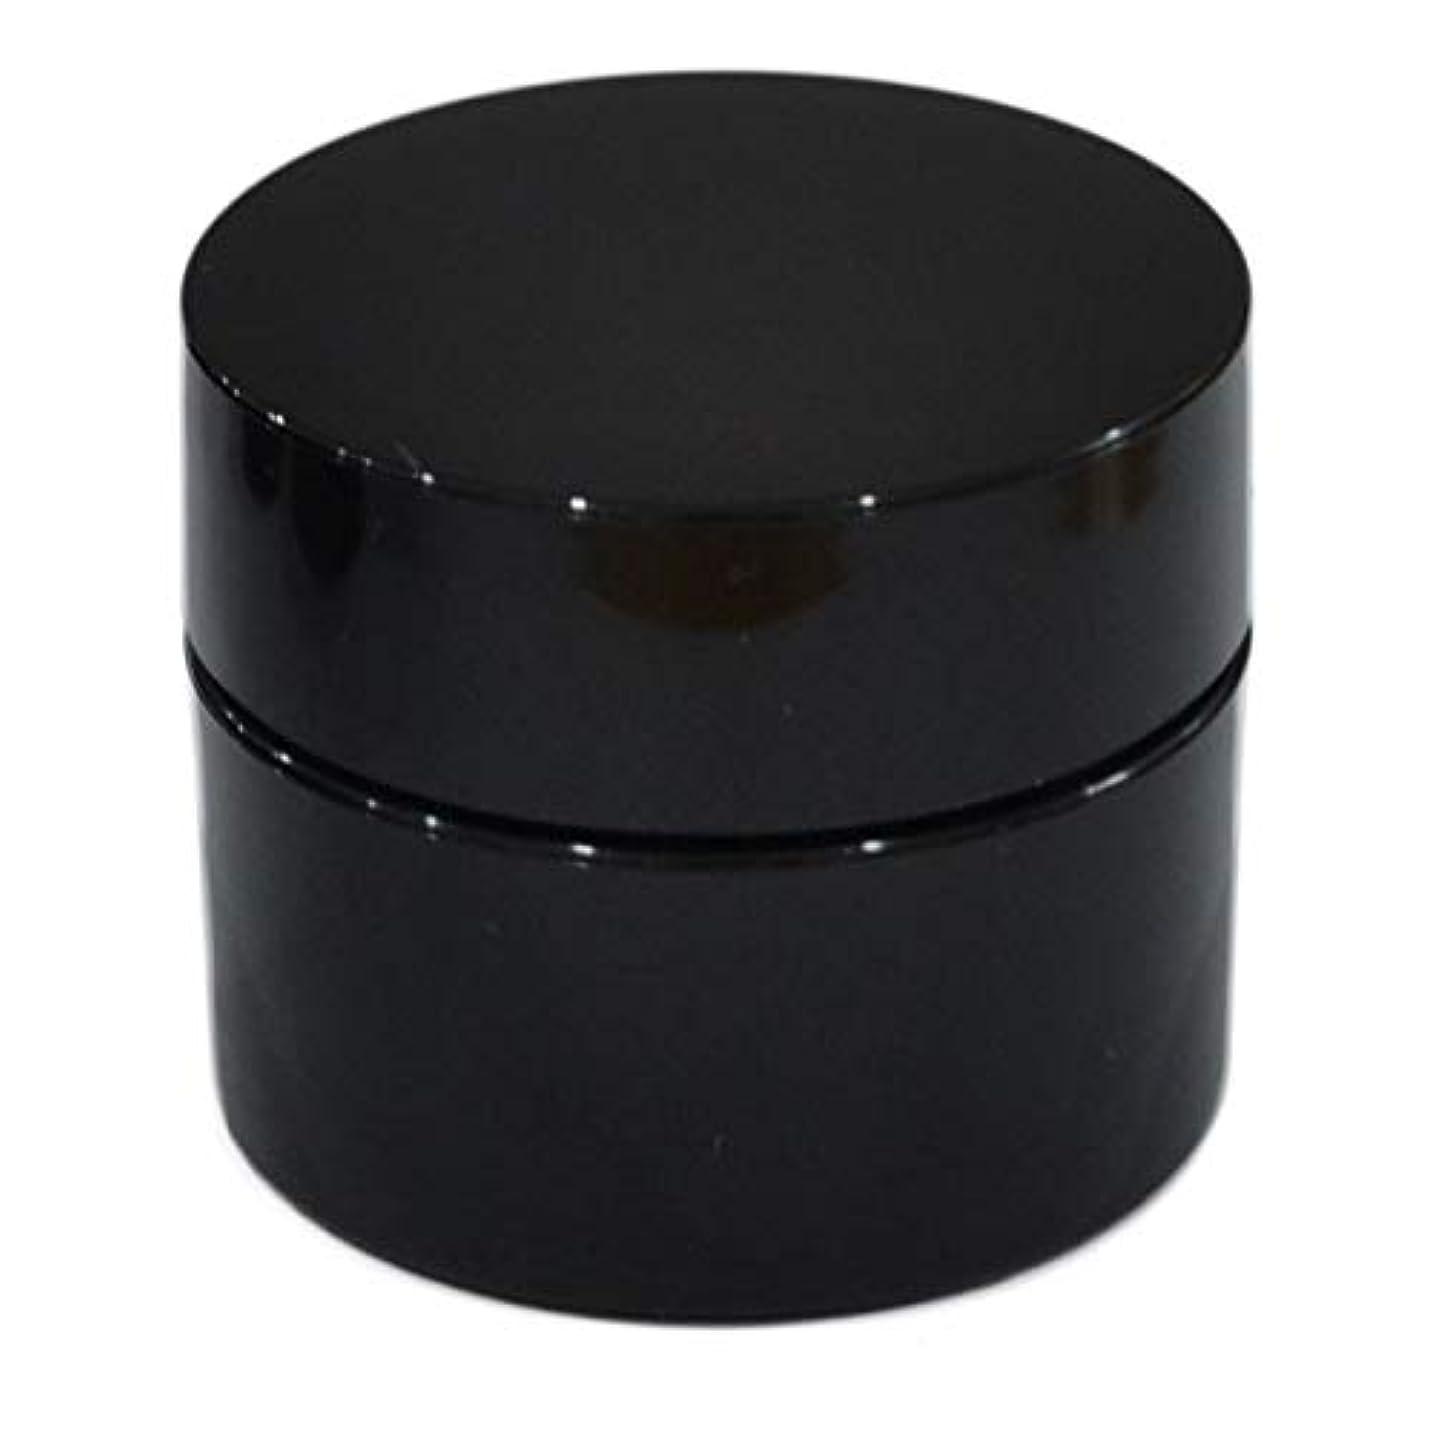 用心深い追い出すロケット純国産ネイルジェル用コンテナ 10g用GA10g 漏れ防止パッキン&ブラシプレート付容器 ジェルを無駄なく使える底面傾斜あり 遮光 黒 ブラック